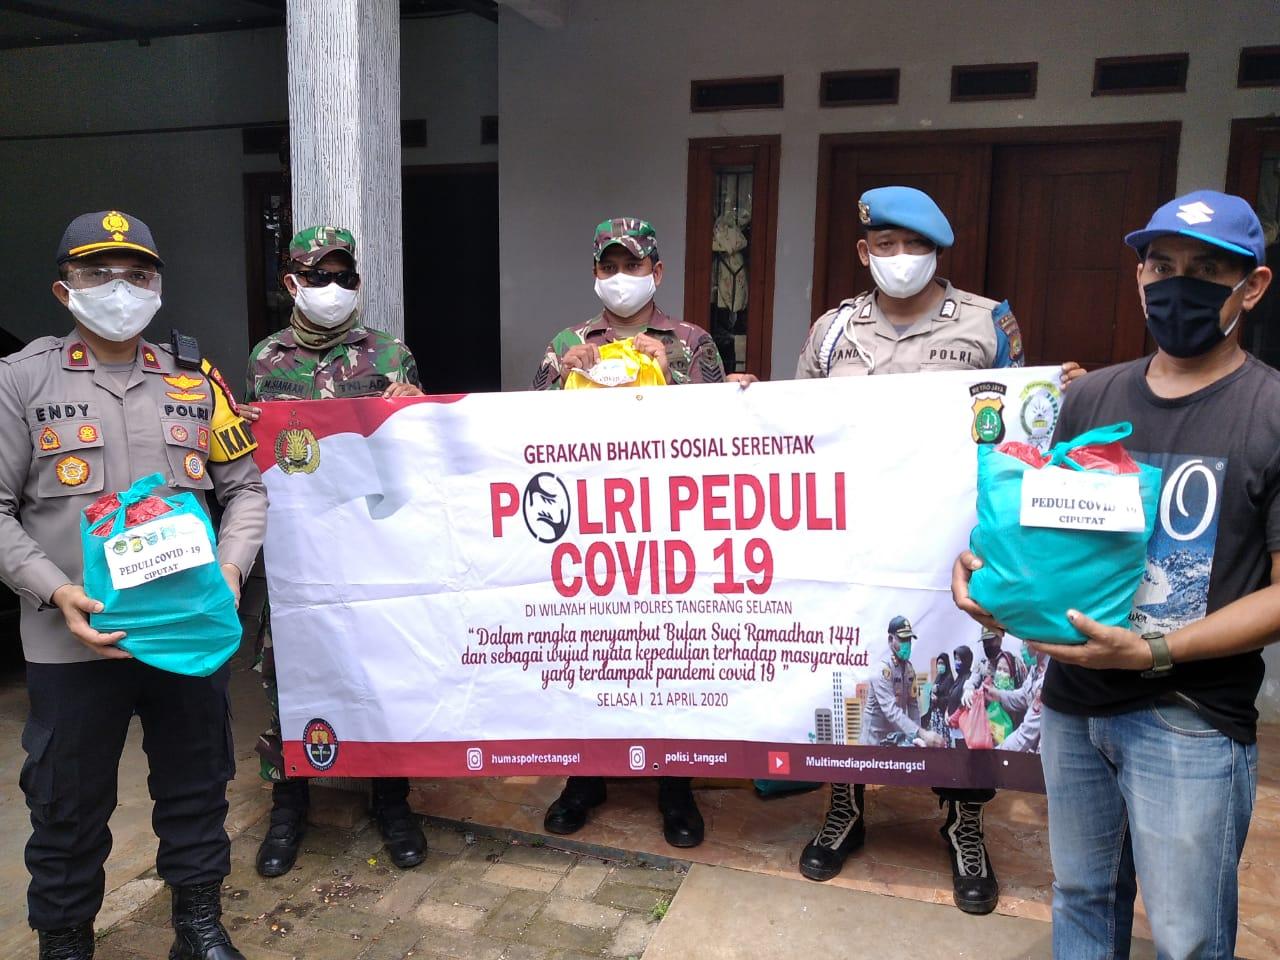 Polsek Ciputat Dan Koramil  Salurkan Paket Sembako Secara Serentak Peduli Covid-19